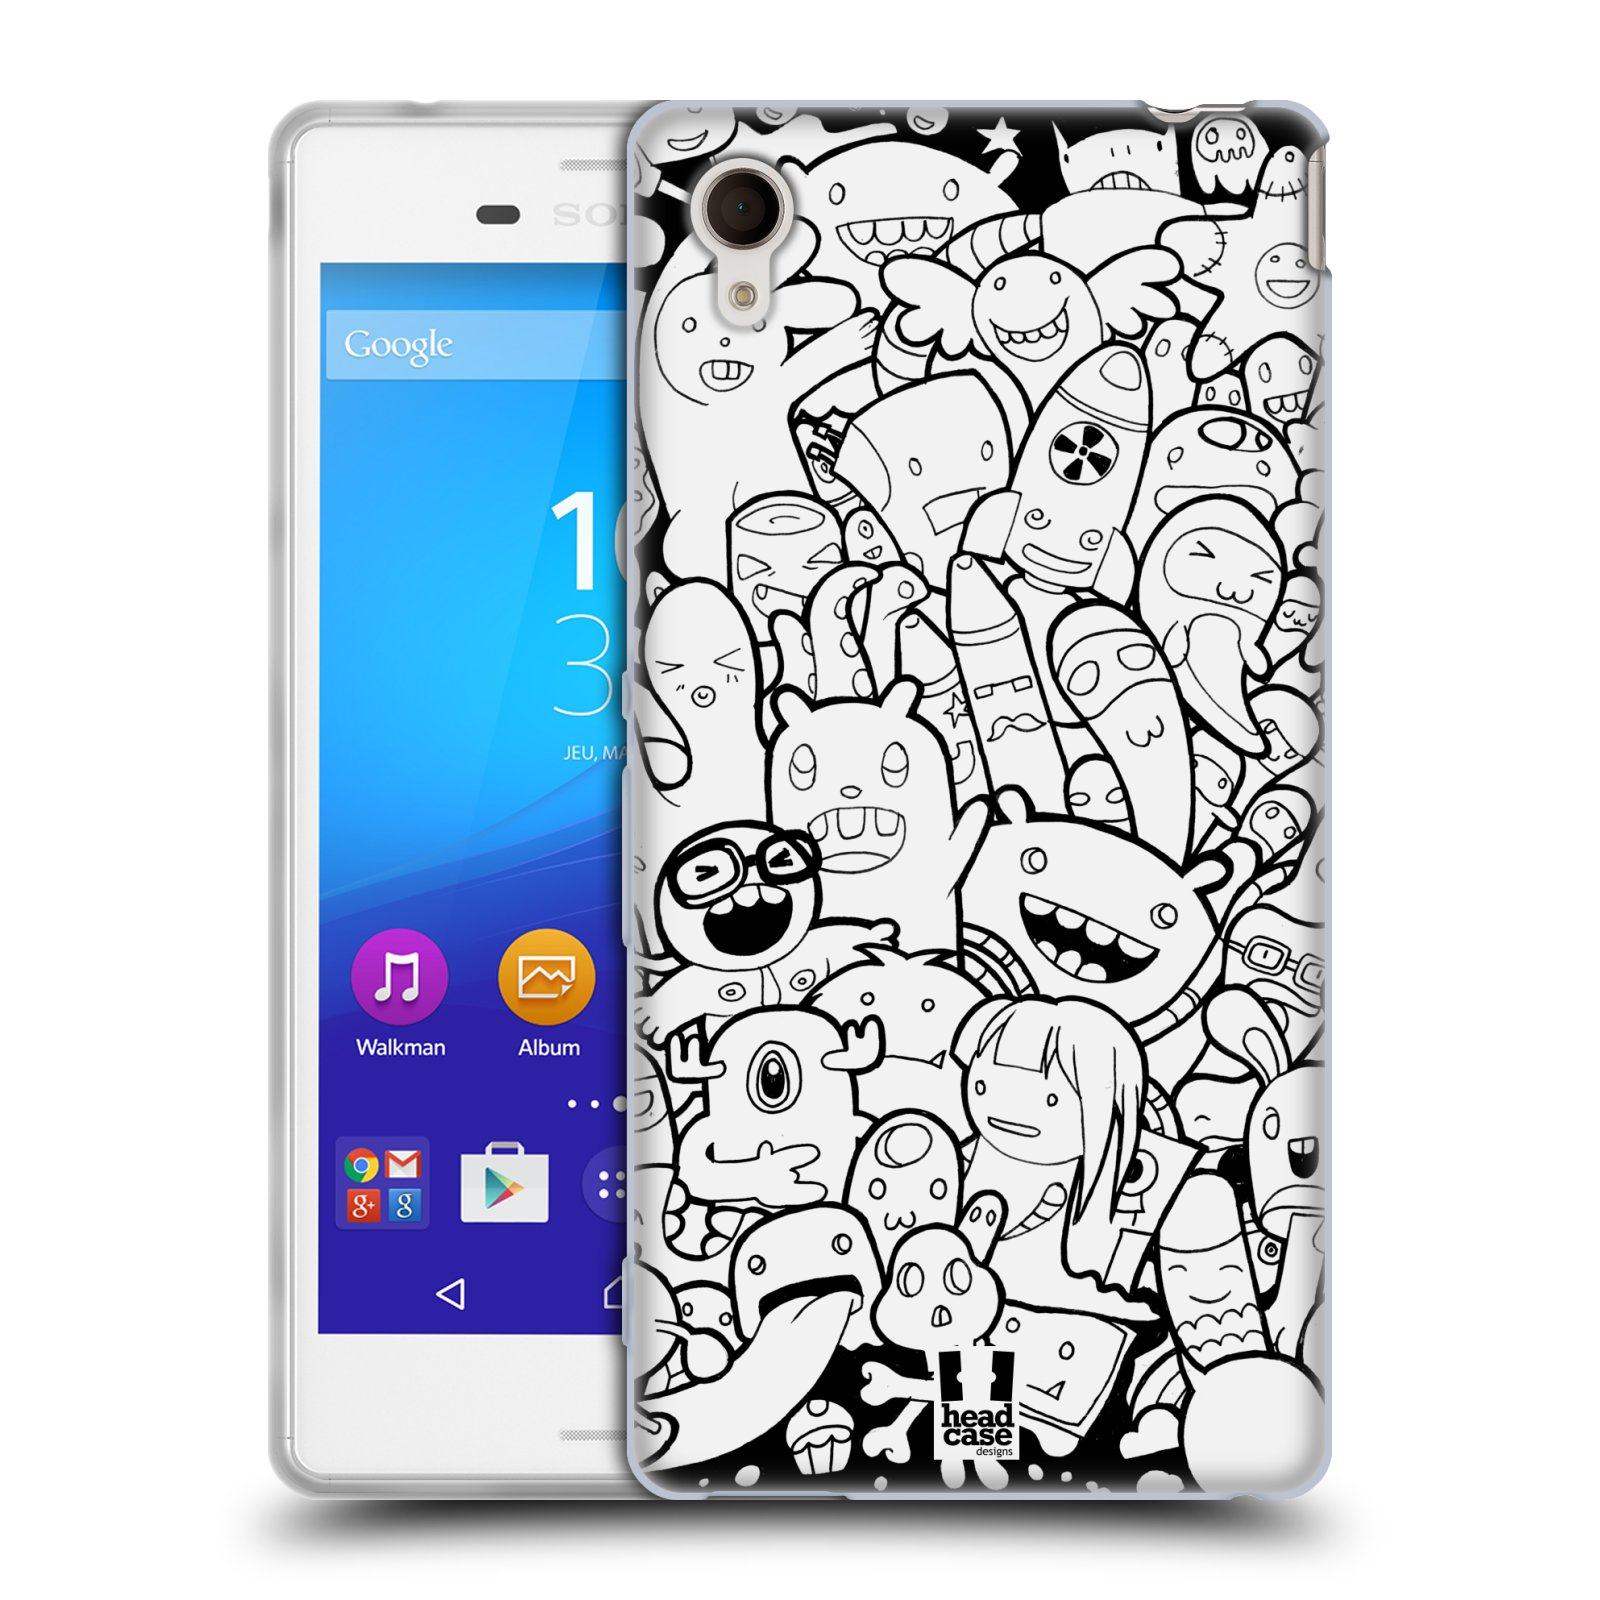 Silikonové pouzdro na mobil Sony Xperia M4 Aqua E2303 HEAD CASE DOODLE PŘÍŠERKY A MIMÍCI (Silikonový kryt či obal na mobilní telefon Sony Xperia M4 Aqua a M4 Aqua Dual SIM)